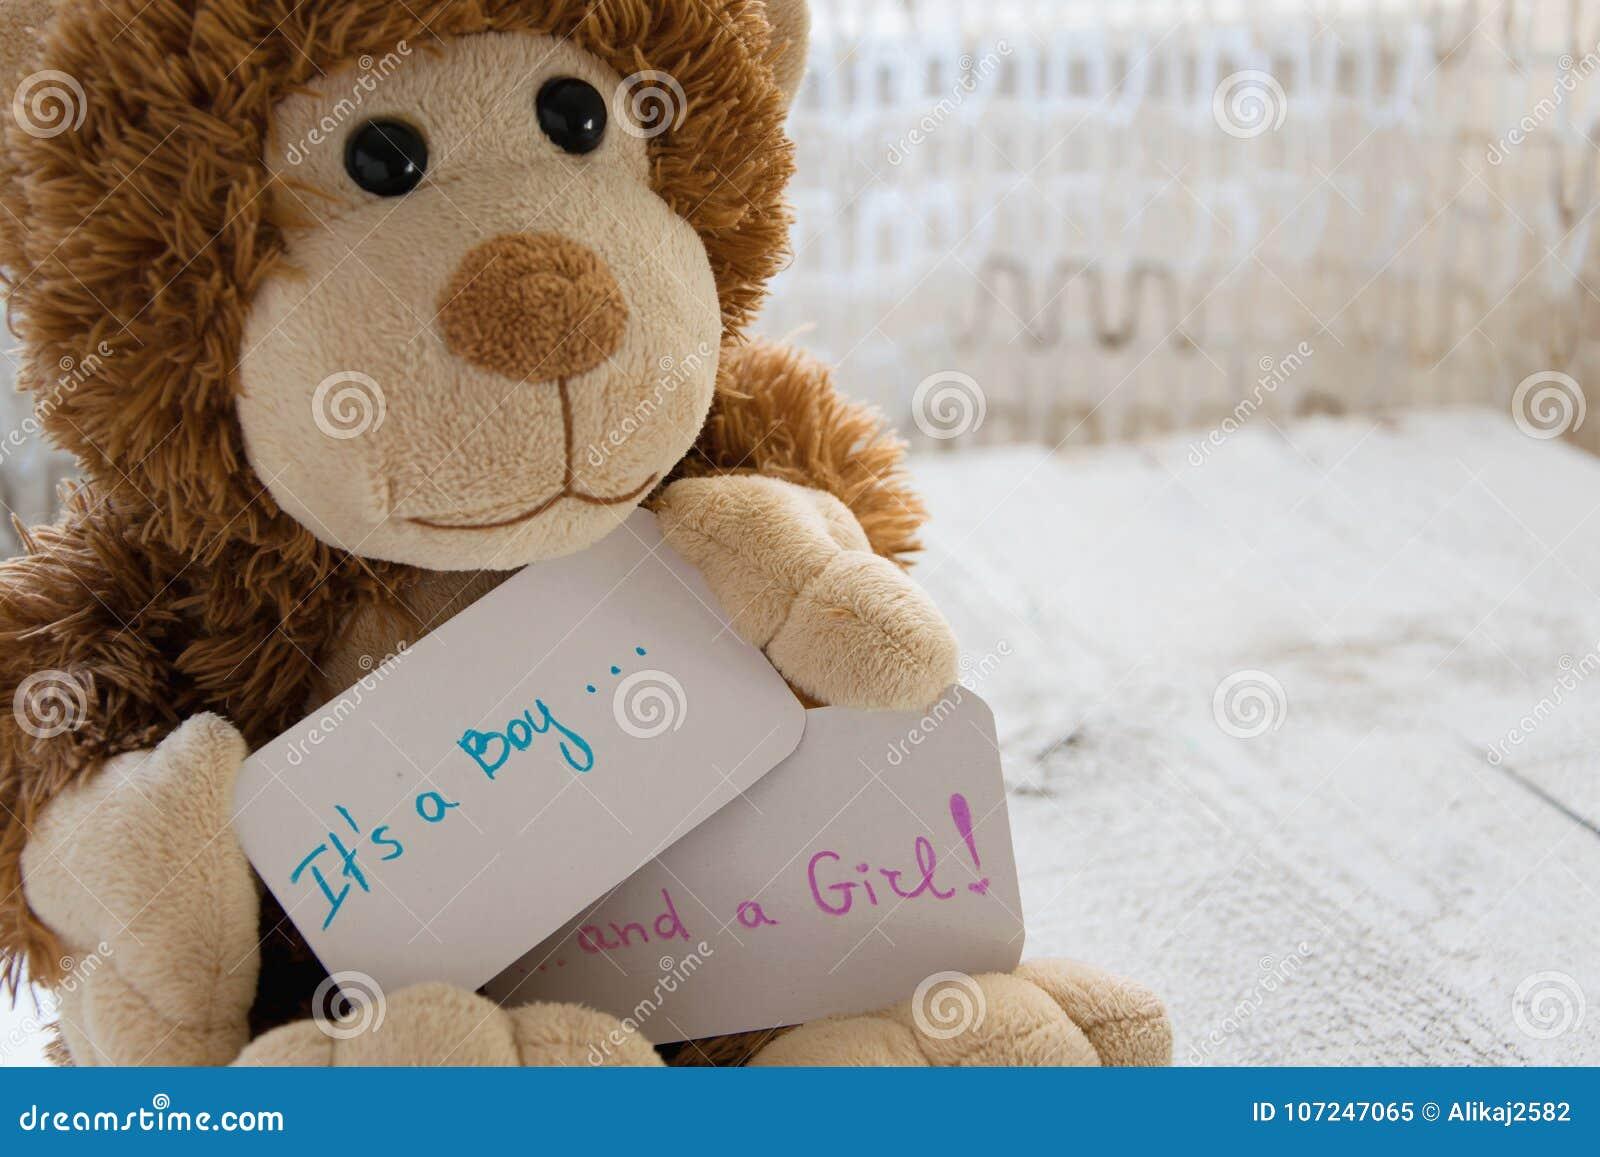 ` Детского душа оно ` s мальчик и ` девушки Плюшевый медвежонок держит карточку объявления для прибытий близнецов в семью